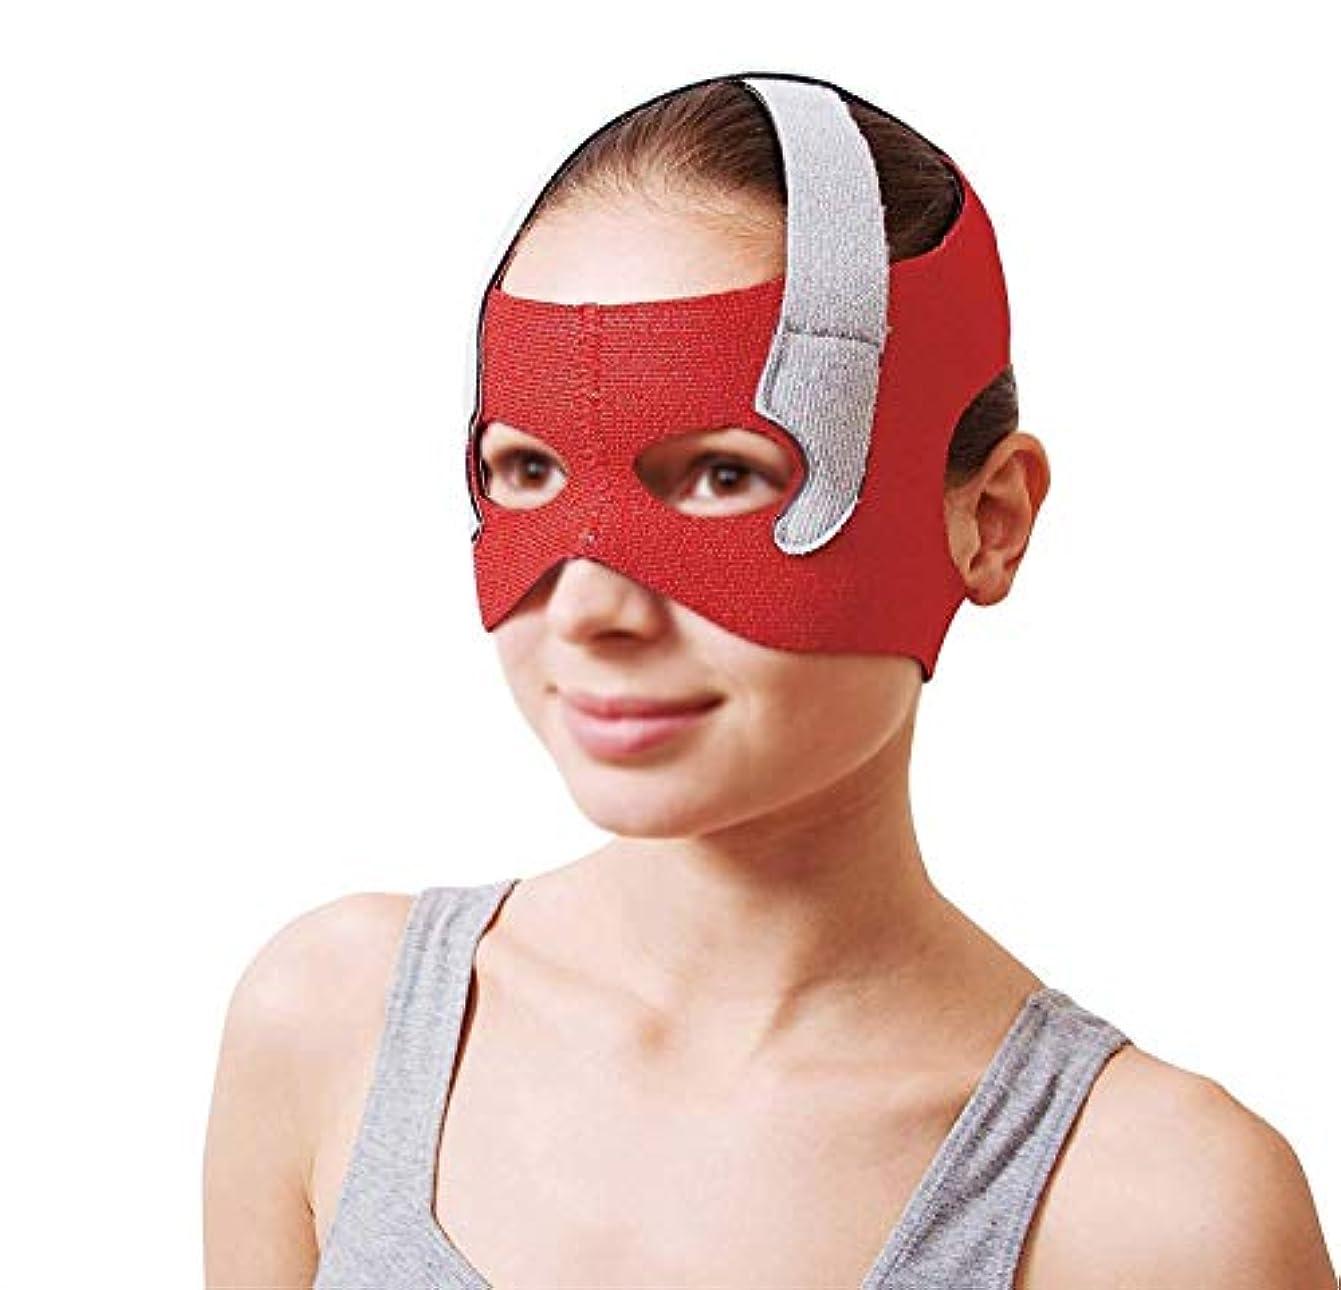 気晴らしカバー繰り返したフェイスリフトマスク、回復ポスト包帯ヘッドギアフェイスマスク顔薄いフェイスマスクアーティファクト美容ベルト顔と首リフト顔周囲57-68 cm